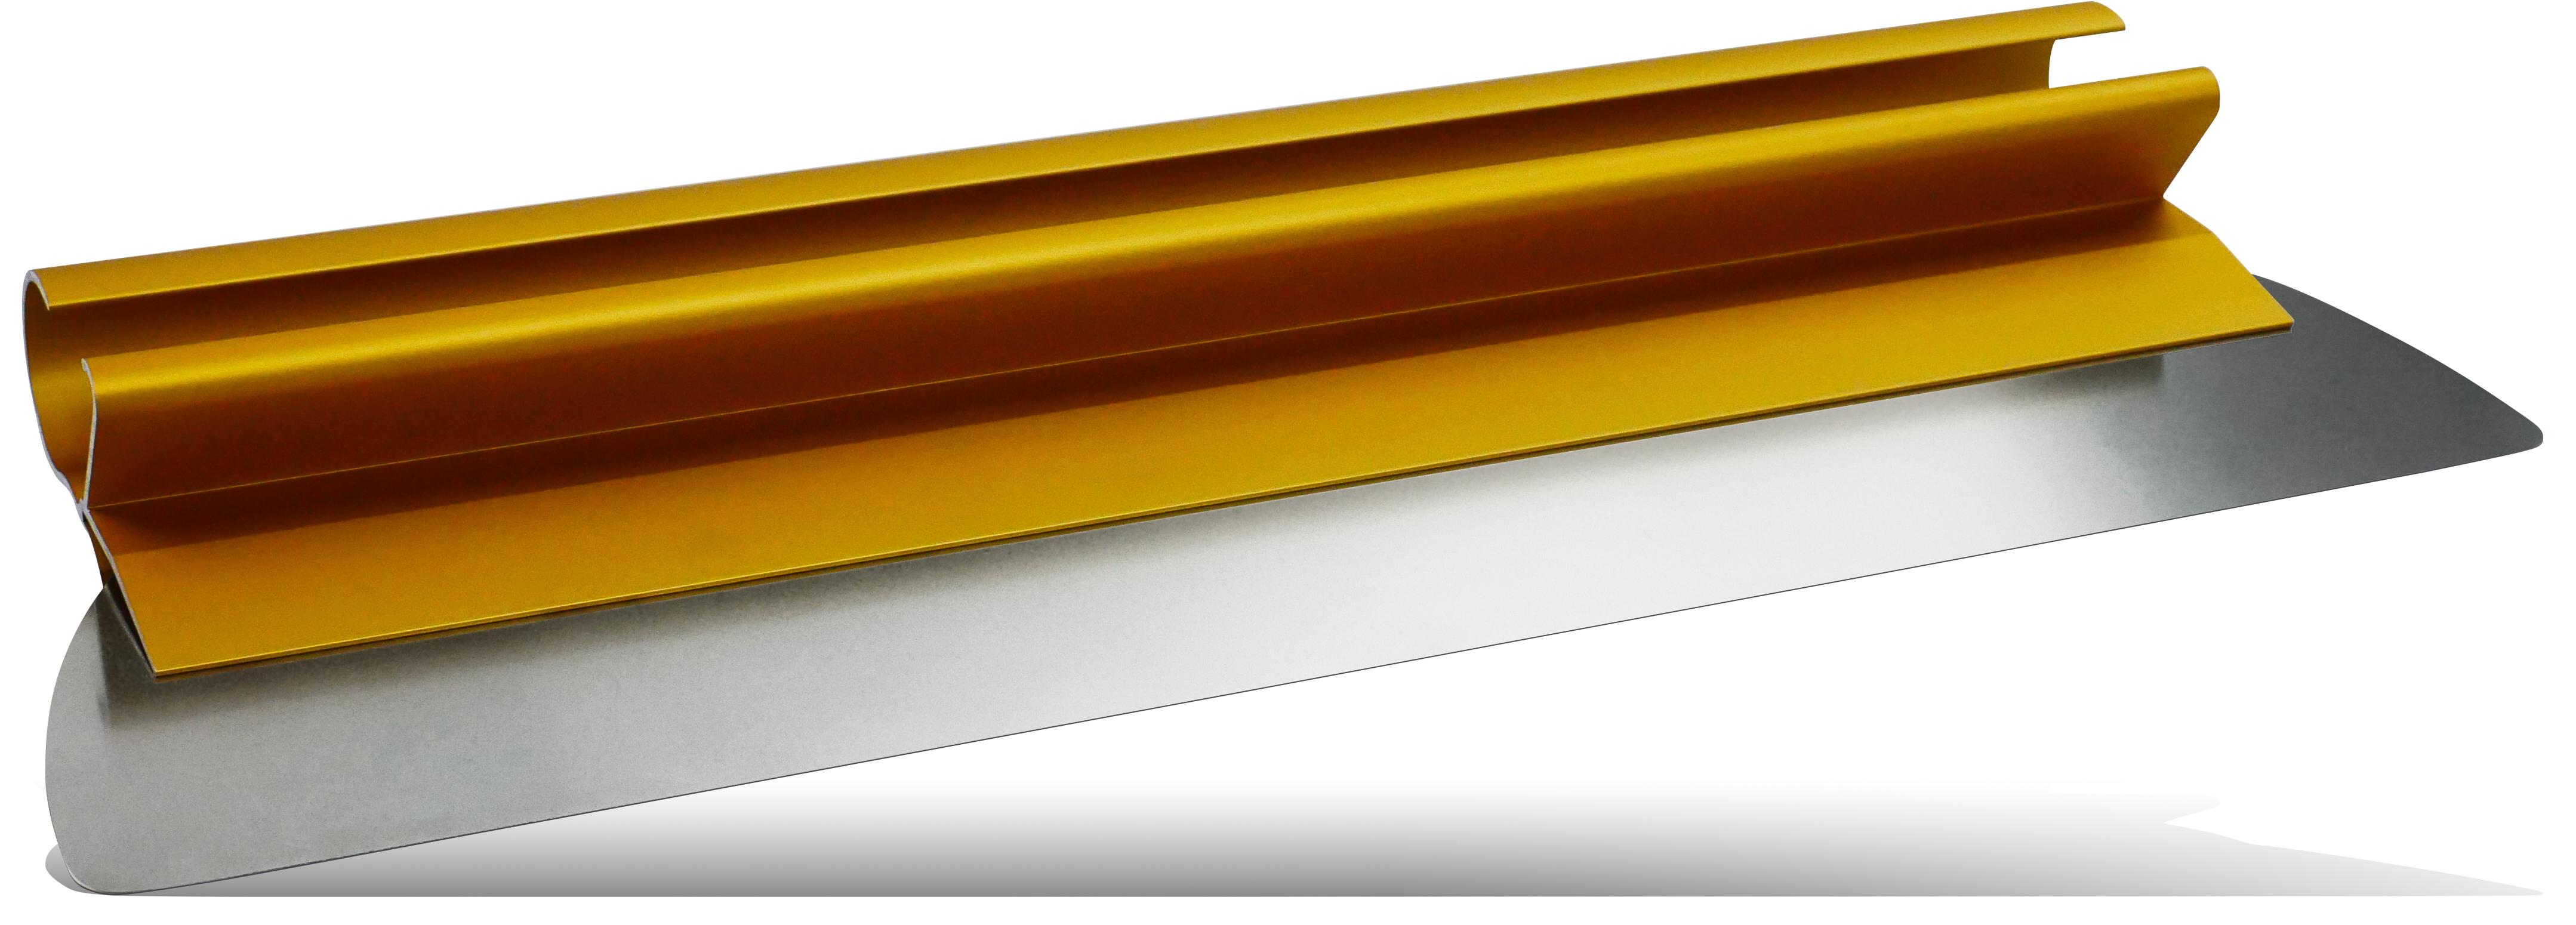 Špahtla za gletanje PAJAQUICK GOLD 30% lakša, 400x90x0,3, PAJARITO